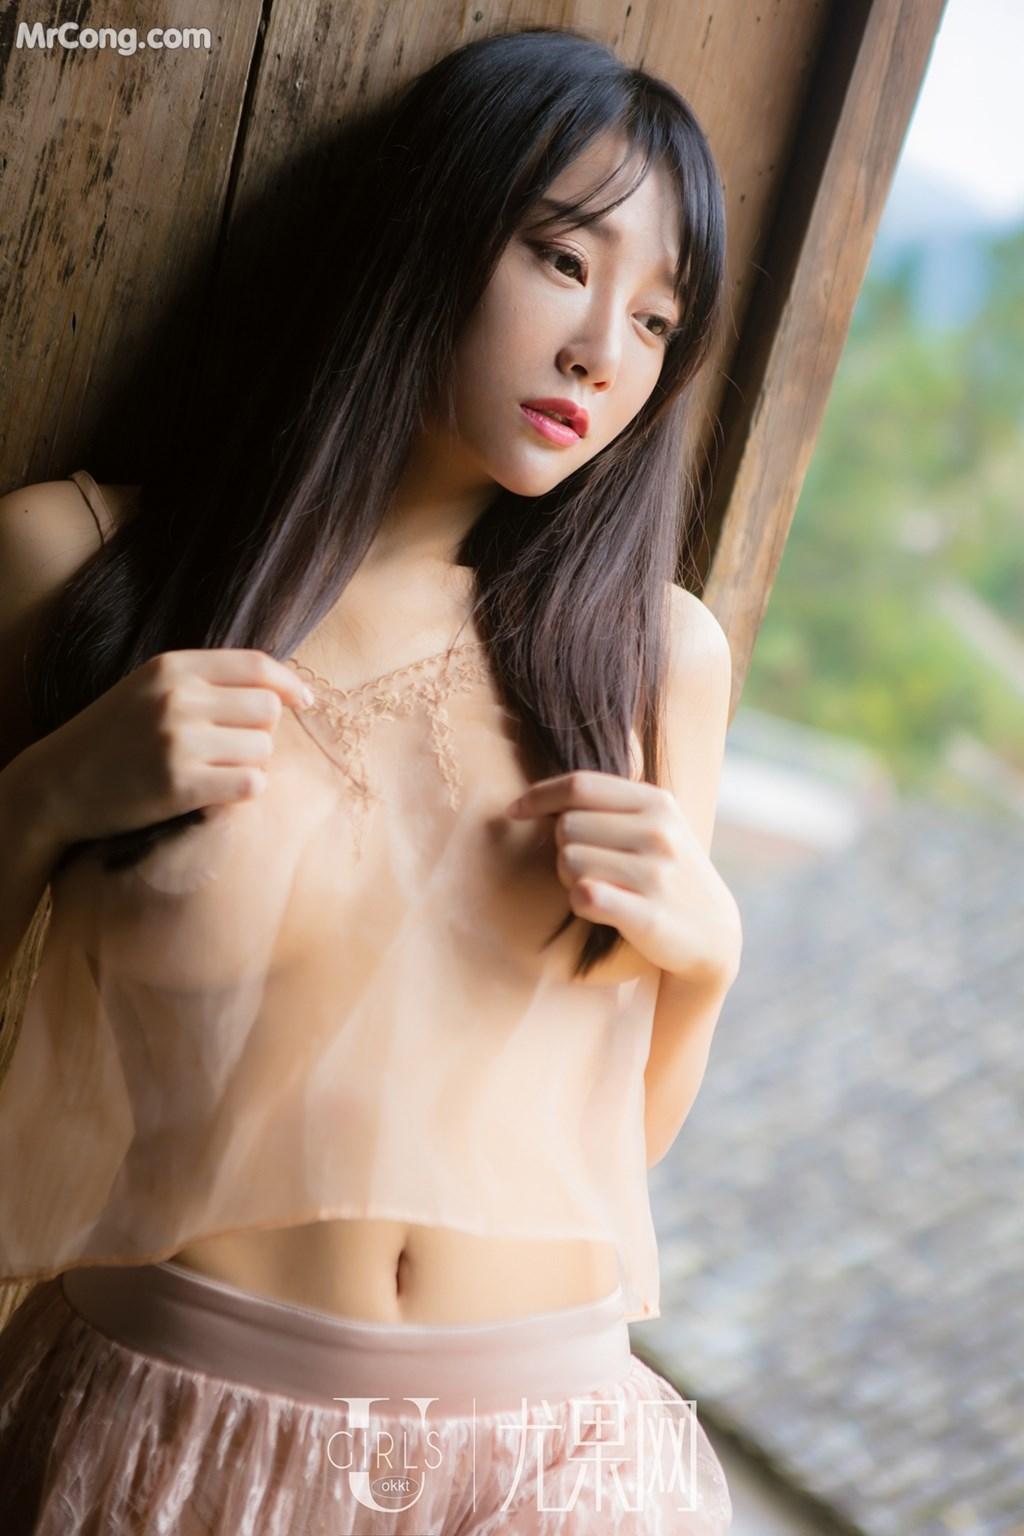 Image UGIRLS-U318-He-Jia-Ying-MrCong.com-036 in post UGIRLS U318: Người mẫu He Jia Ying (何嘉颖) (66 ảnh)